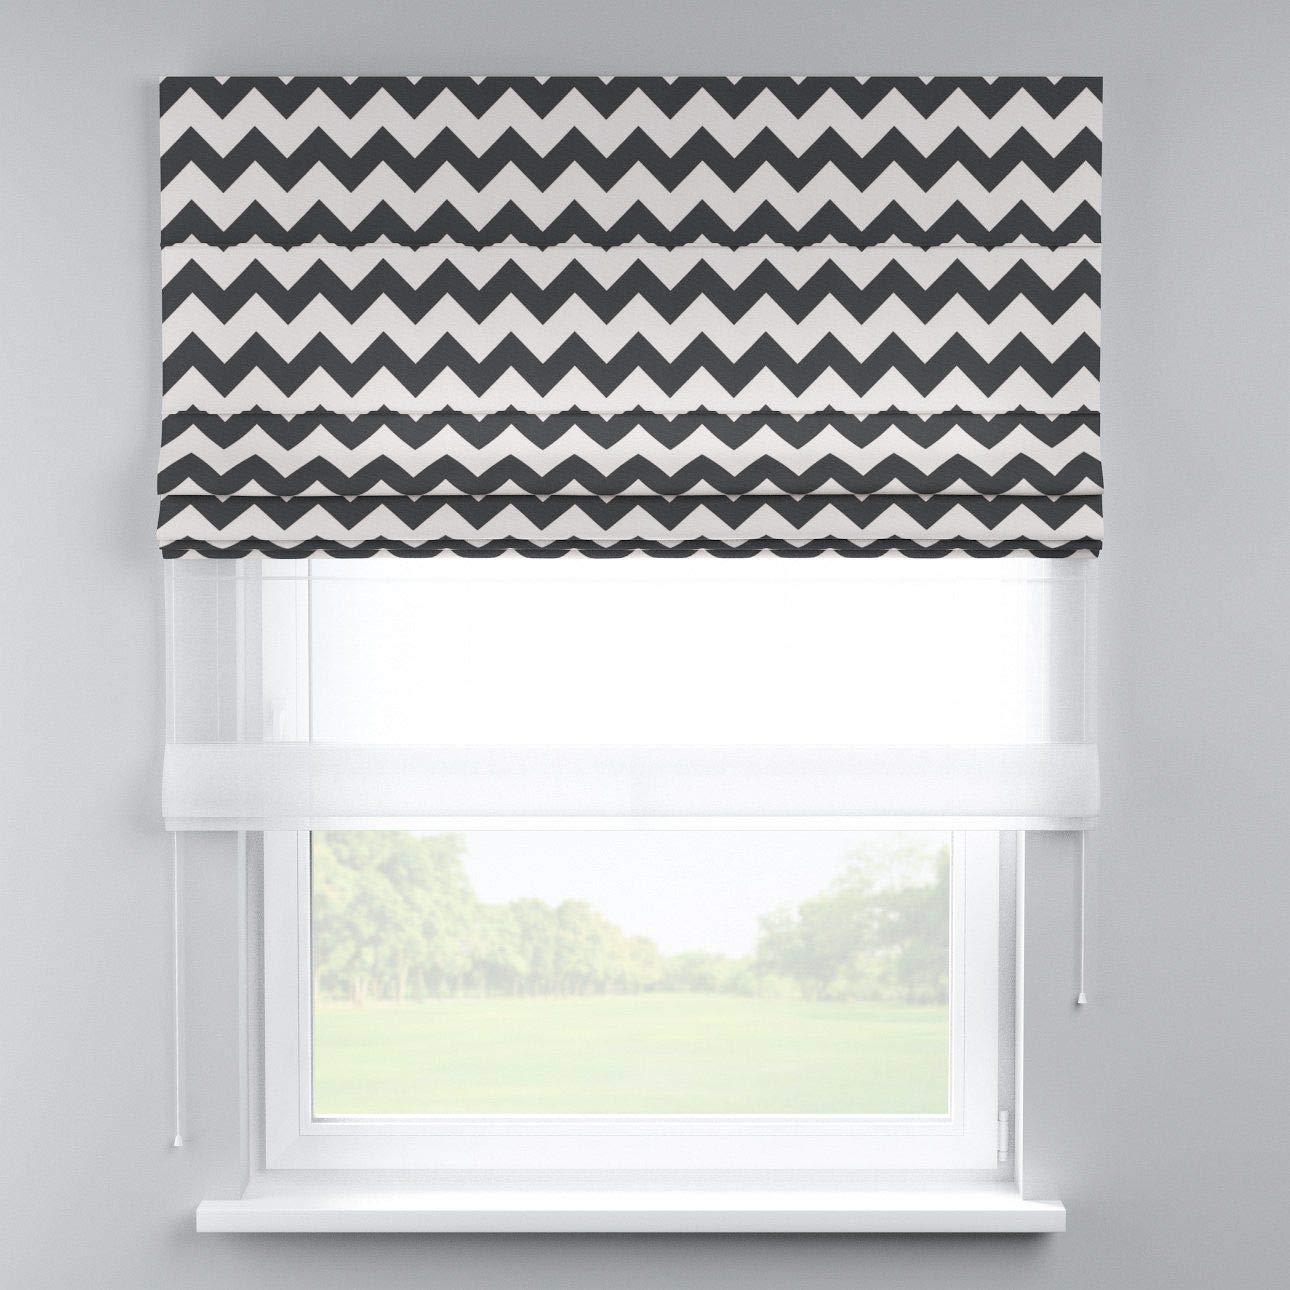 Dekoria Raffrollo Duo ohne Bohren Blickdicht Faltvorhang Raffgardine Wohnzimmer Schlafzimmer Kinderzimmer 130 × 170 cm schwarz- Weiss Raffrollos auf Maß maßanfertigung möglich